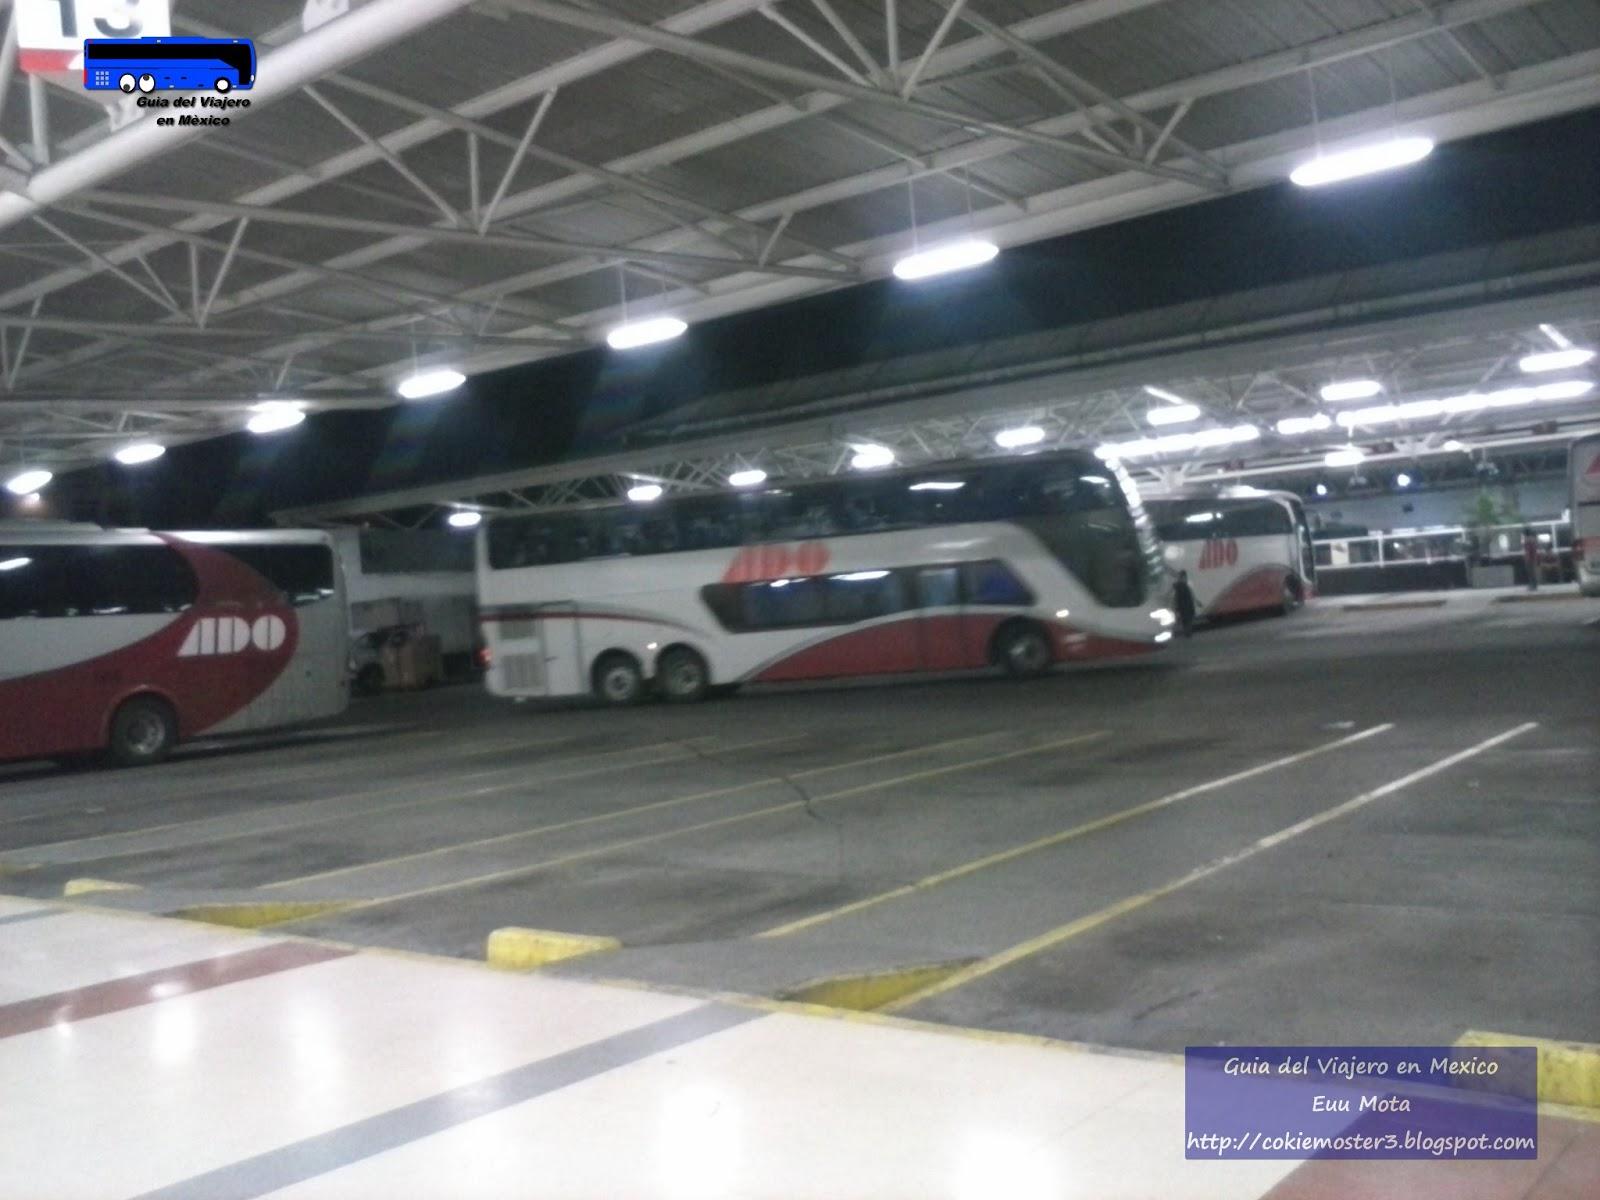 Ado Piso Wifi Wiring Diagram Freightliner Radio Guía Del Viajero En México Central De Autobuses